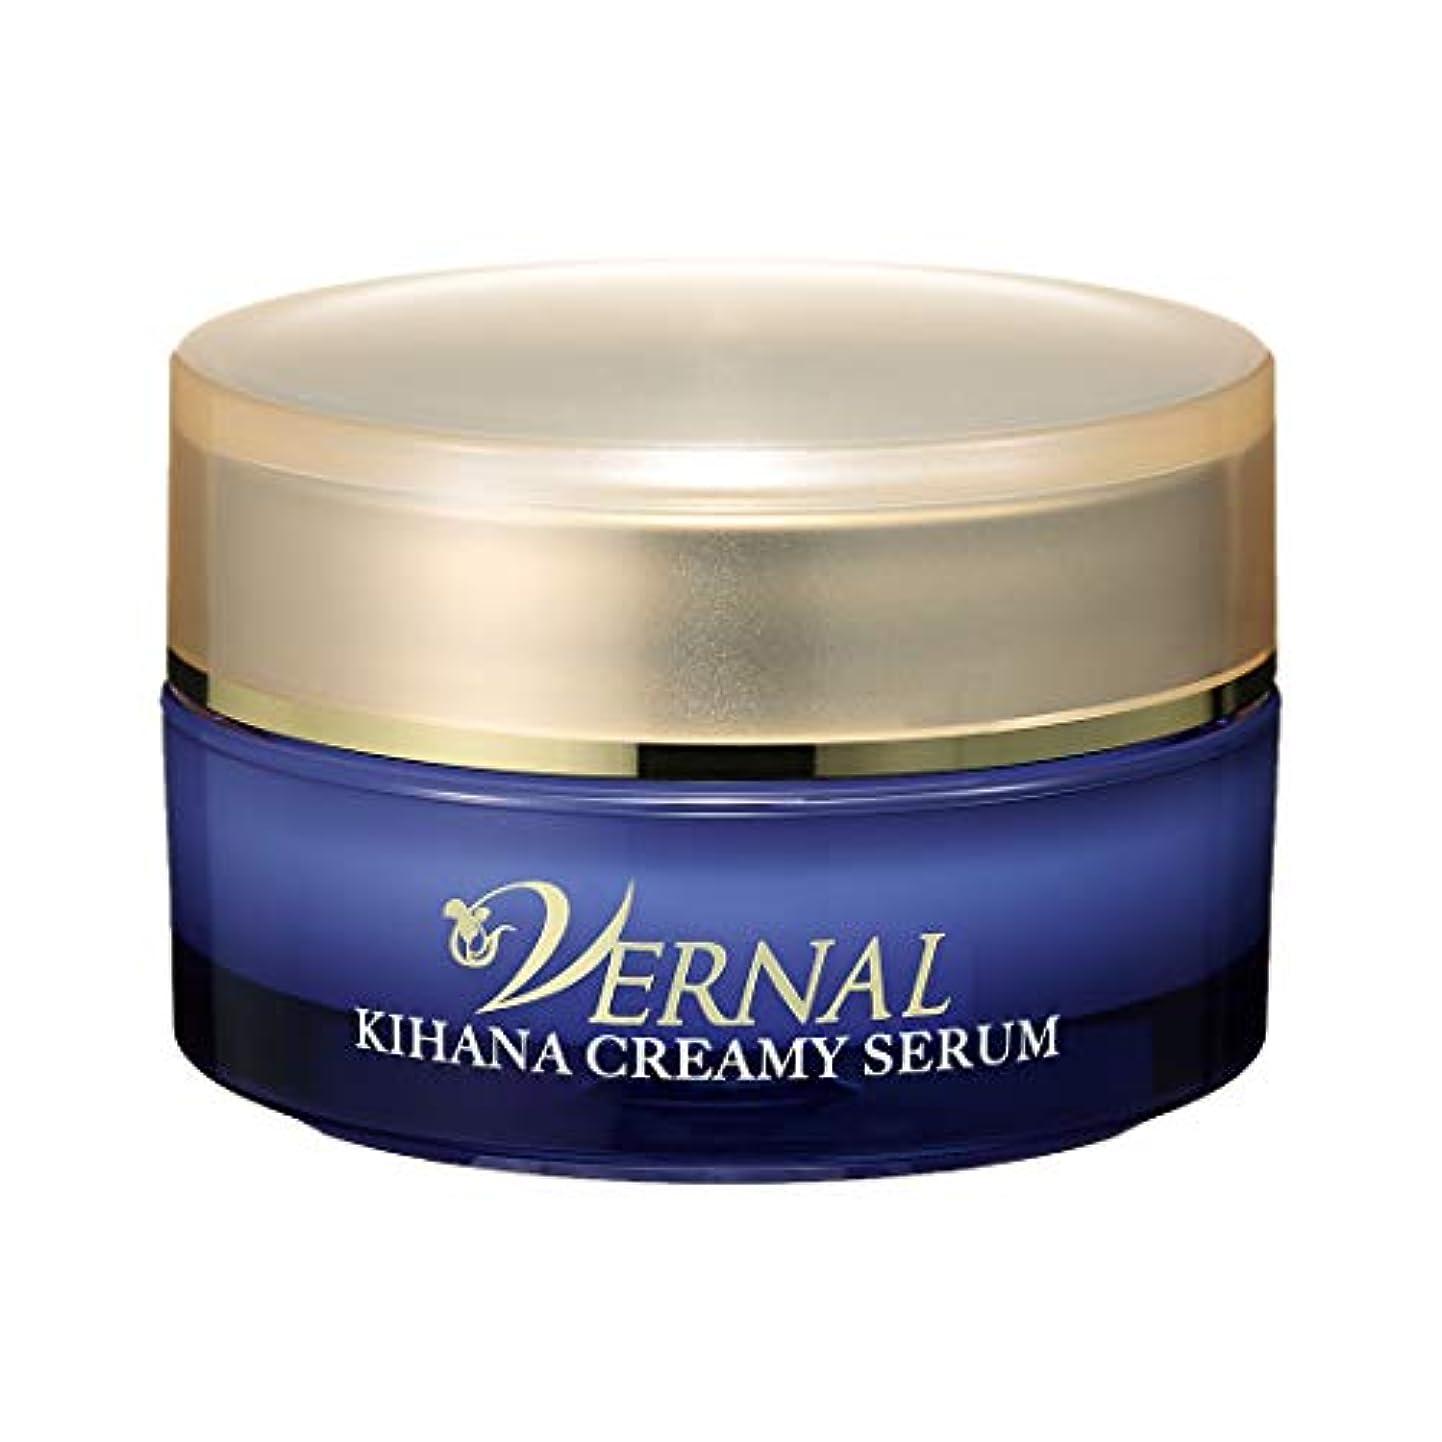 ジョブ動的対称キハナクリーミーセラム 30g/ヴァーナル 美容液 美容クリーム